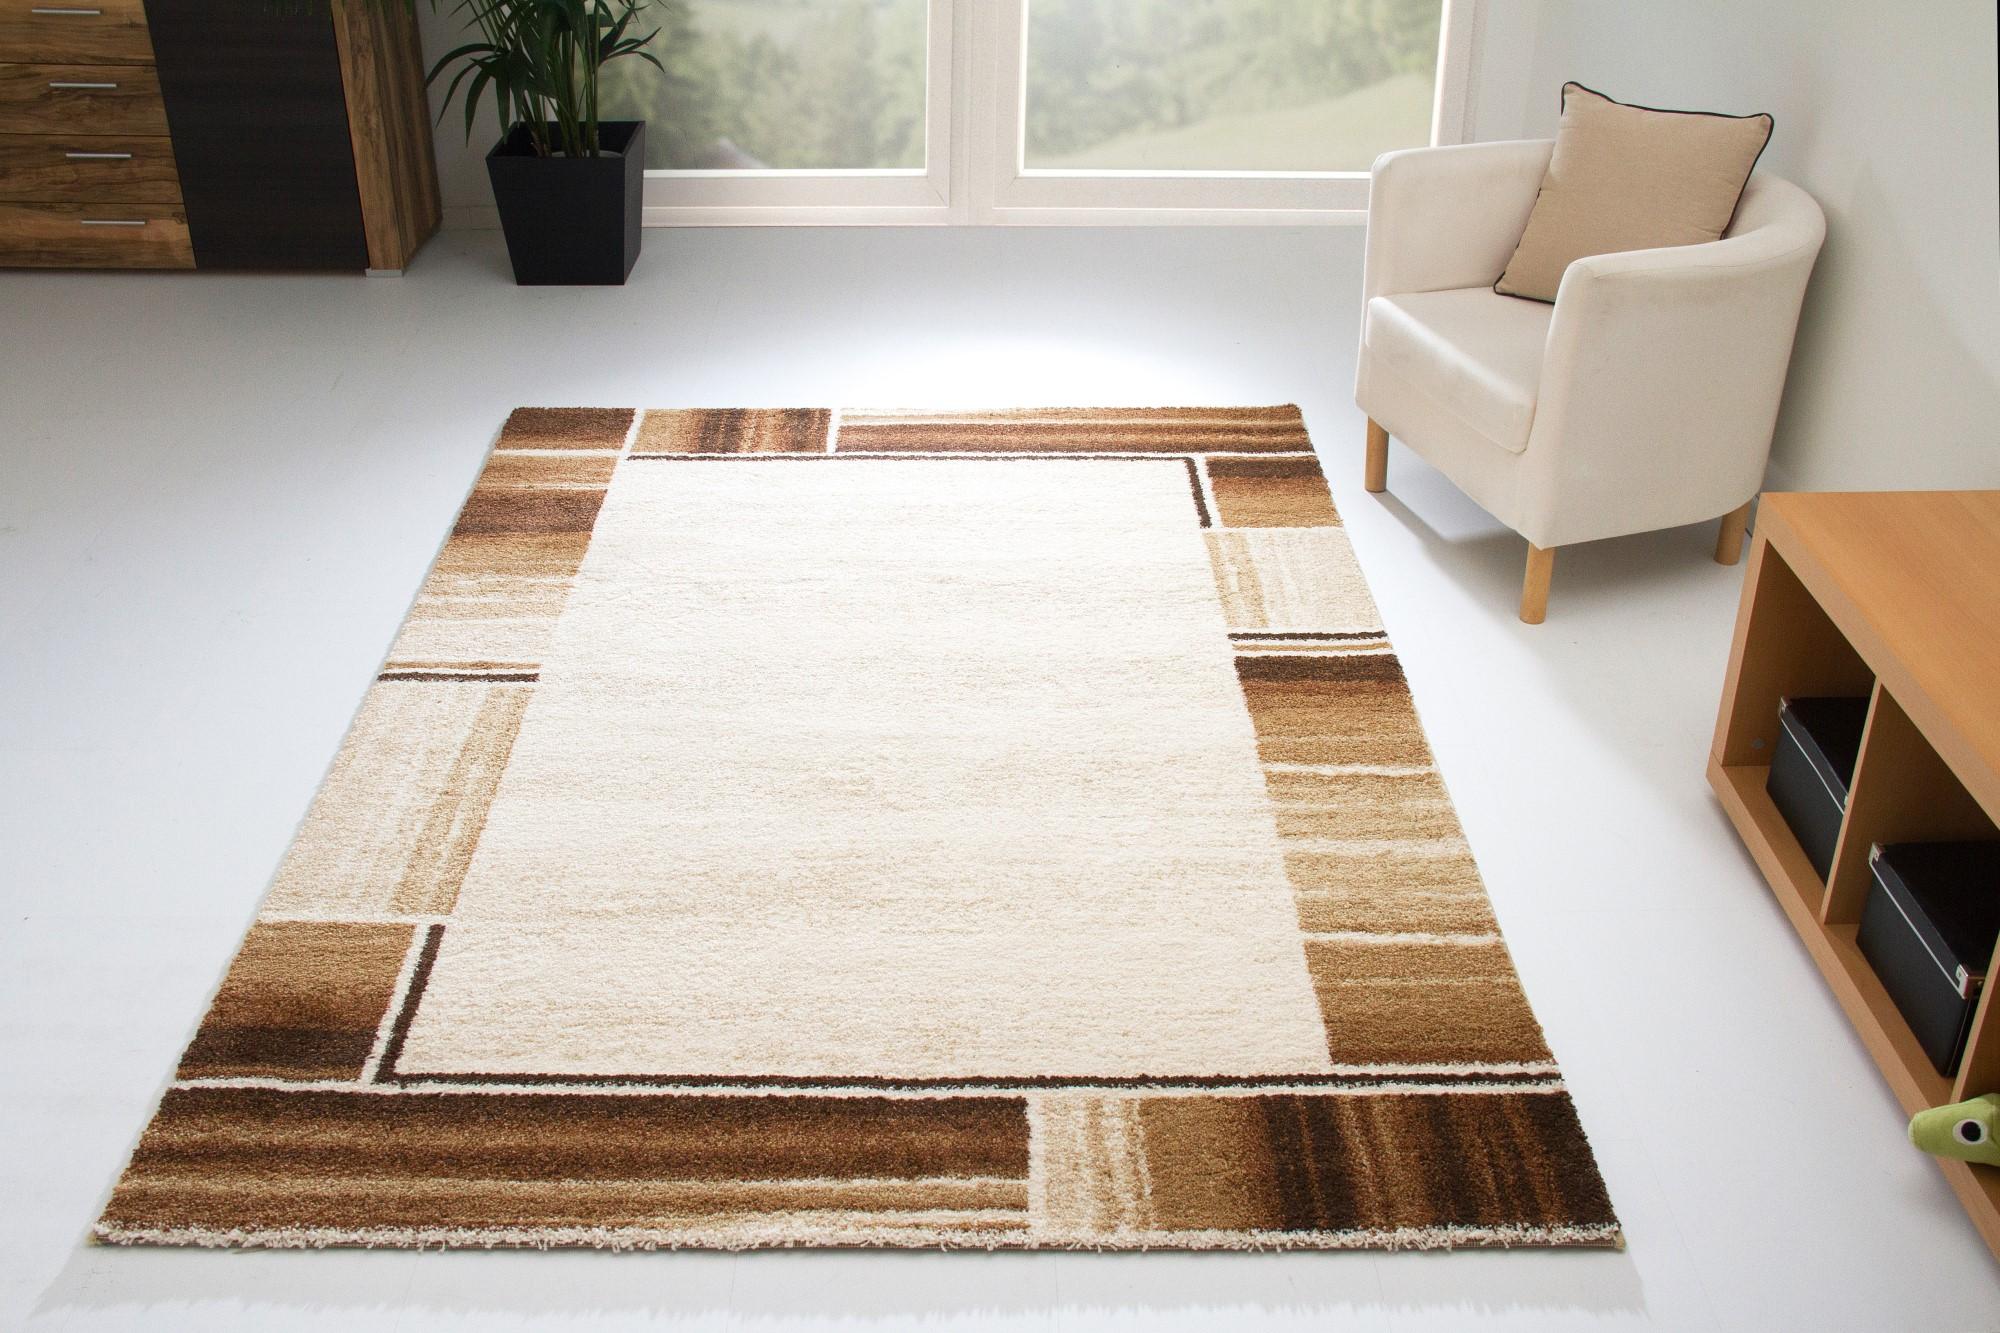 designer teppich modern dijon kuschelflor creme rot grau beige braun orange ebay. Black Bedroom Furniture Sets. Home Design Ideas